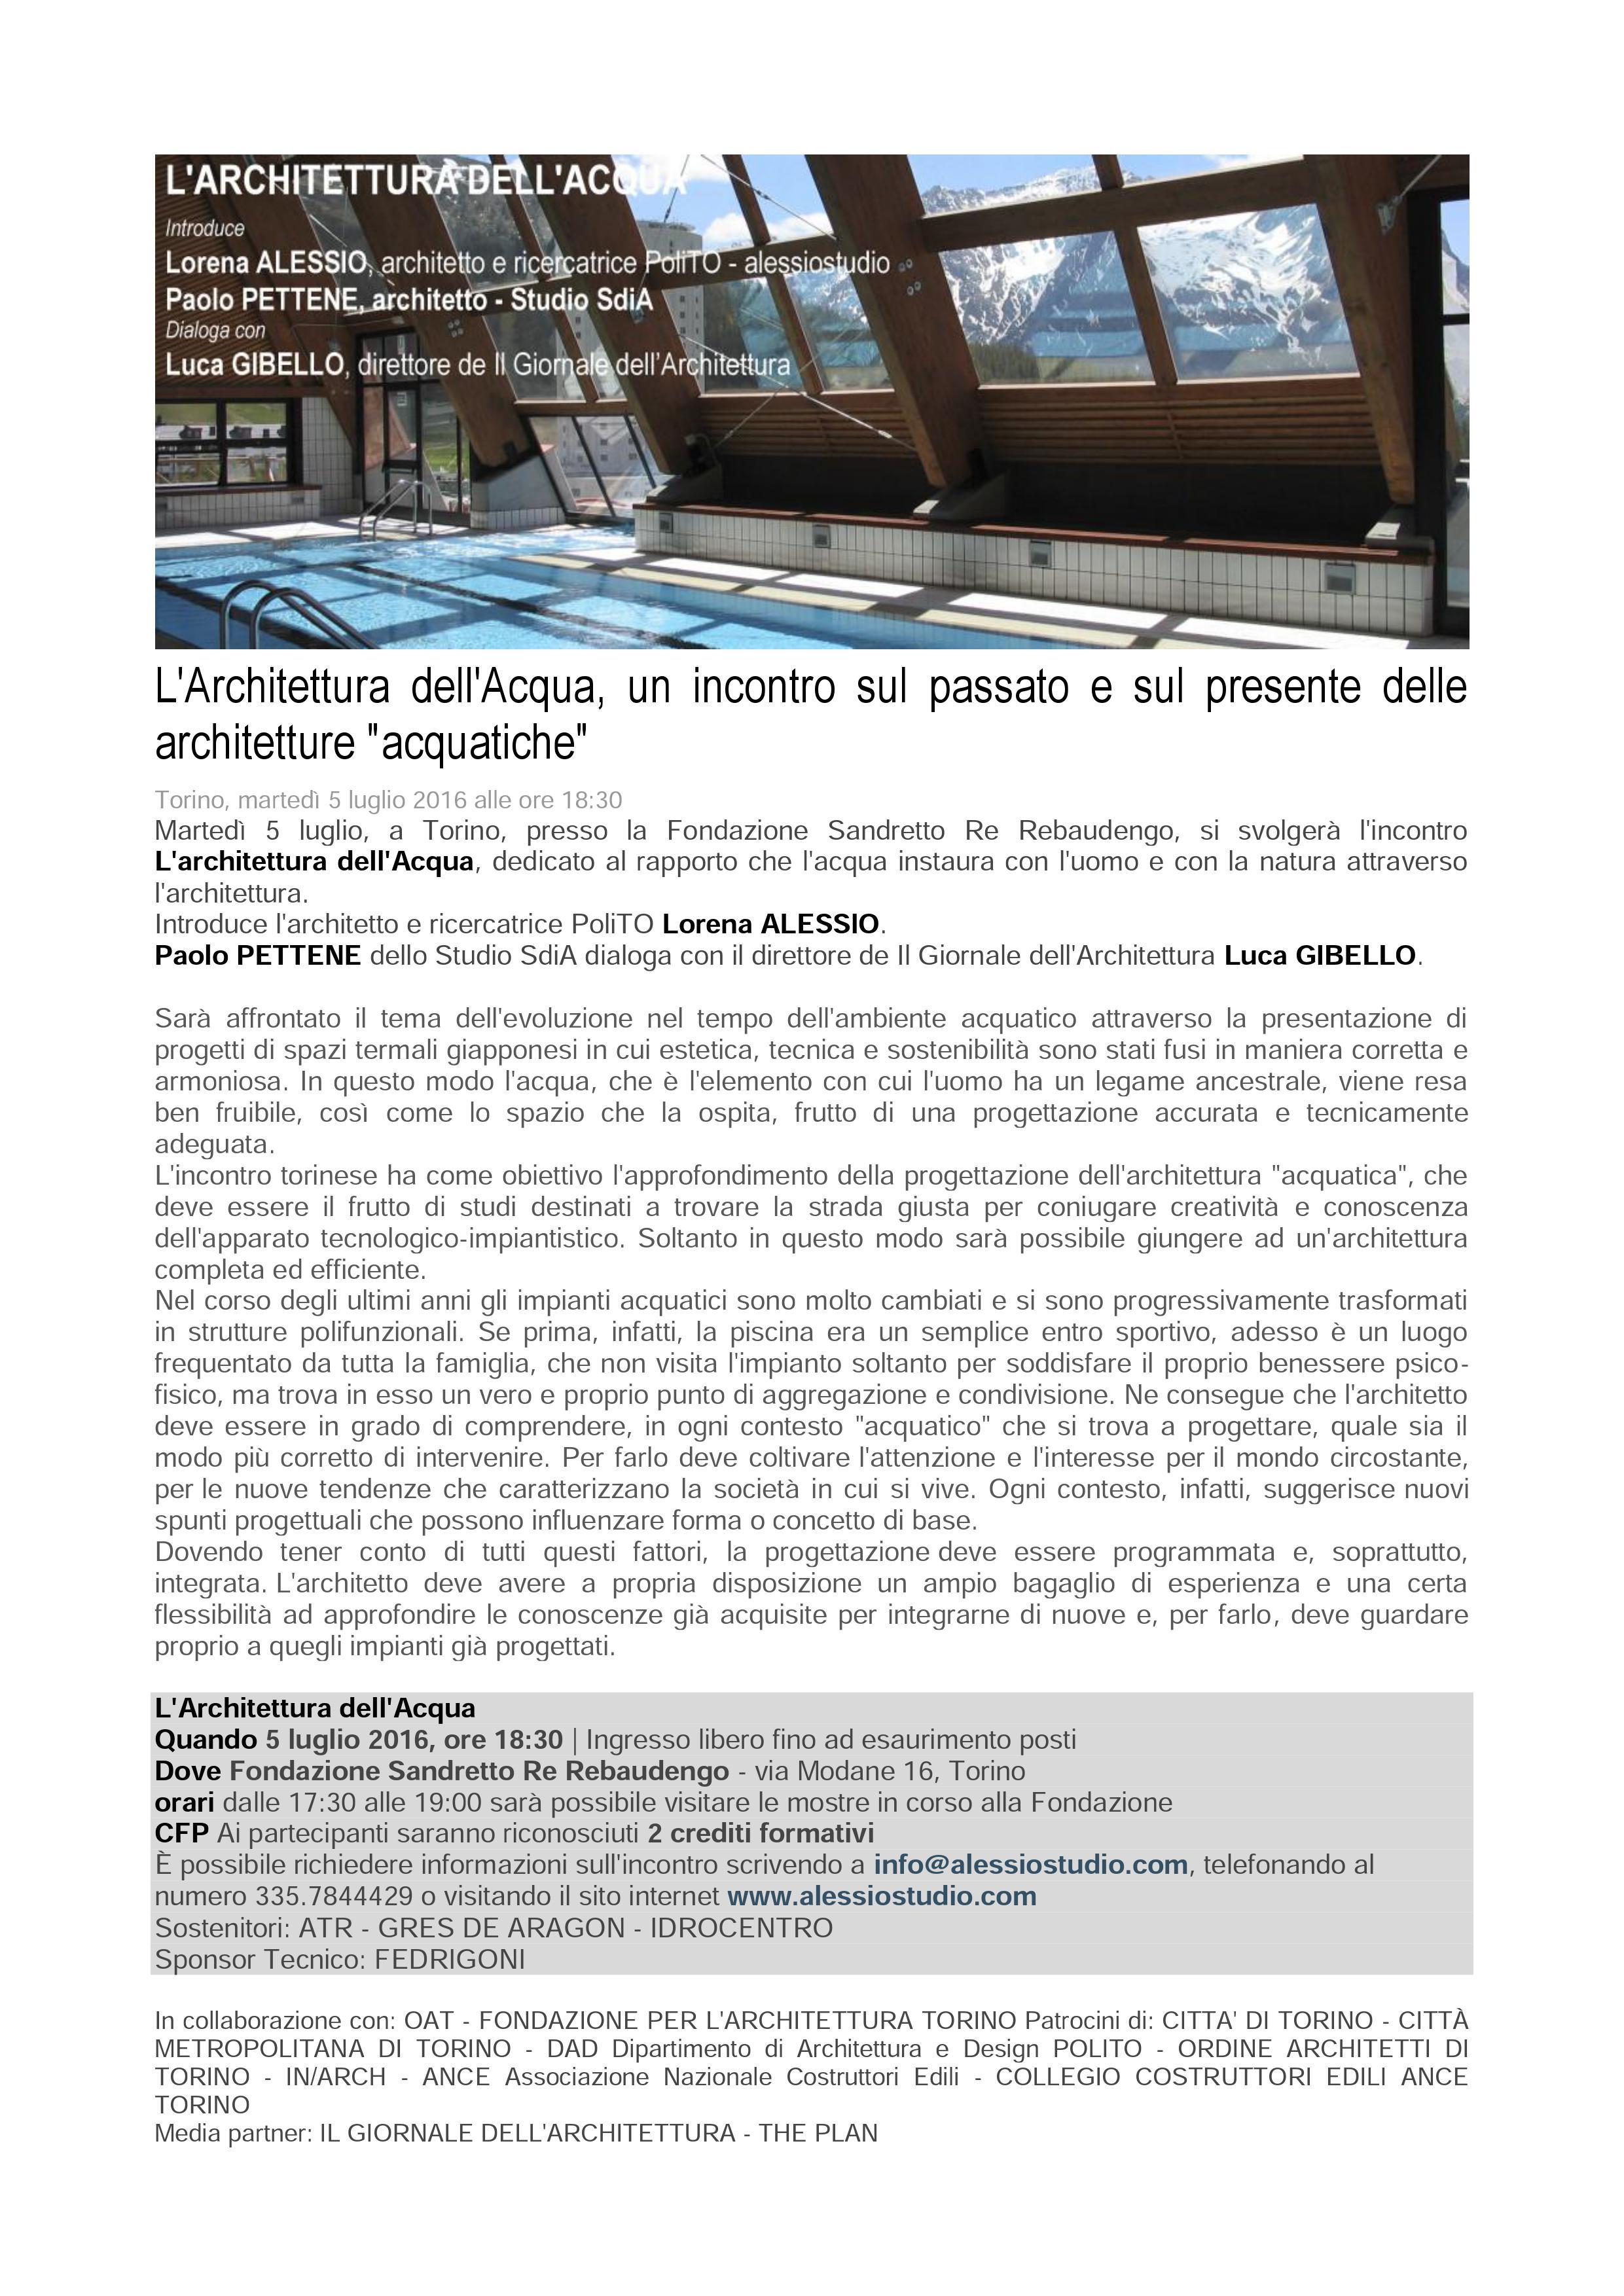 L'ARCHITETTURA DELL'ACQUA – Meeting